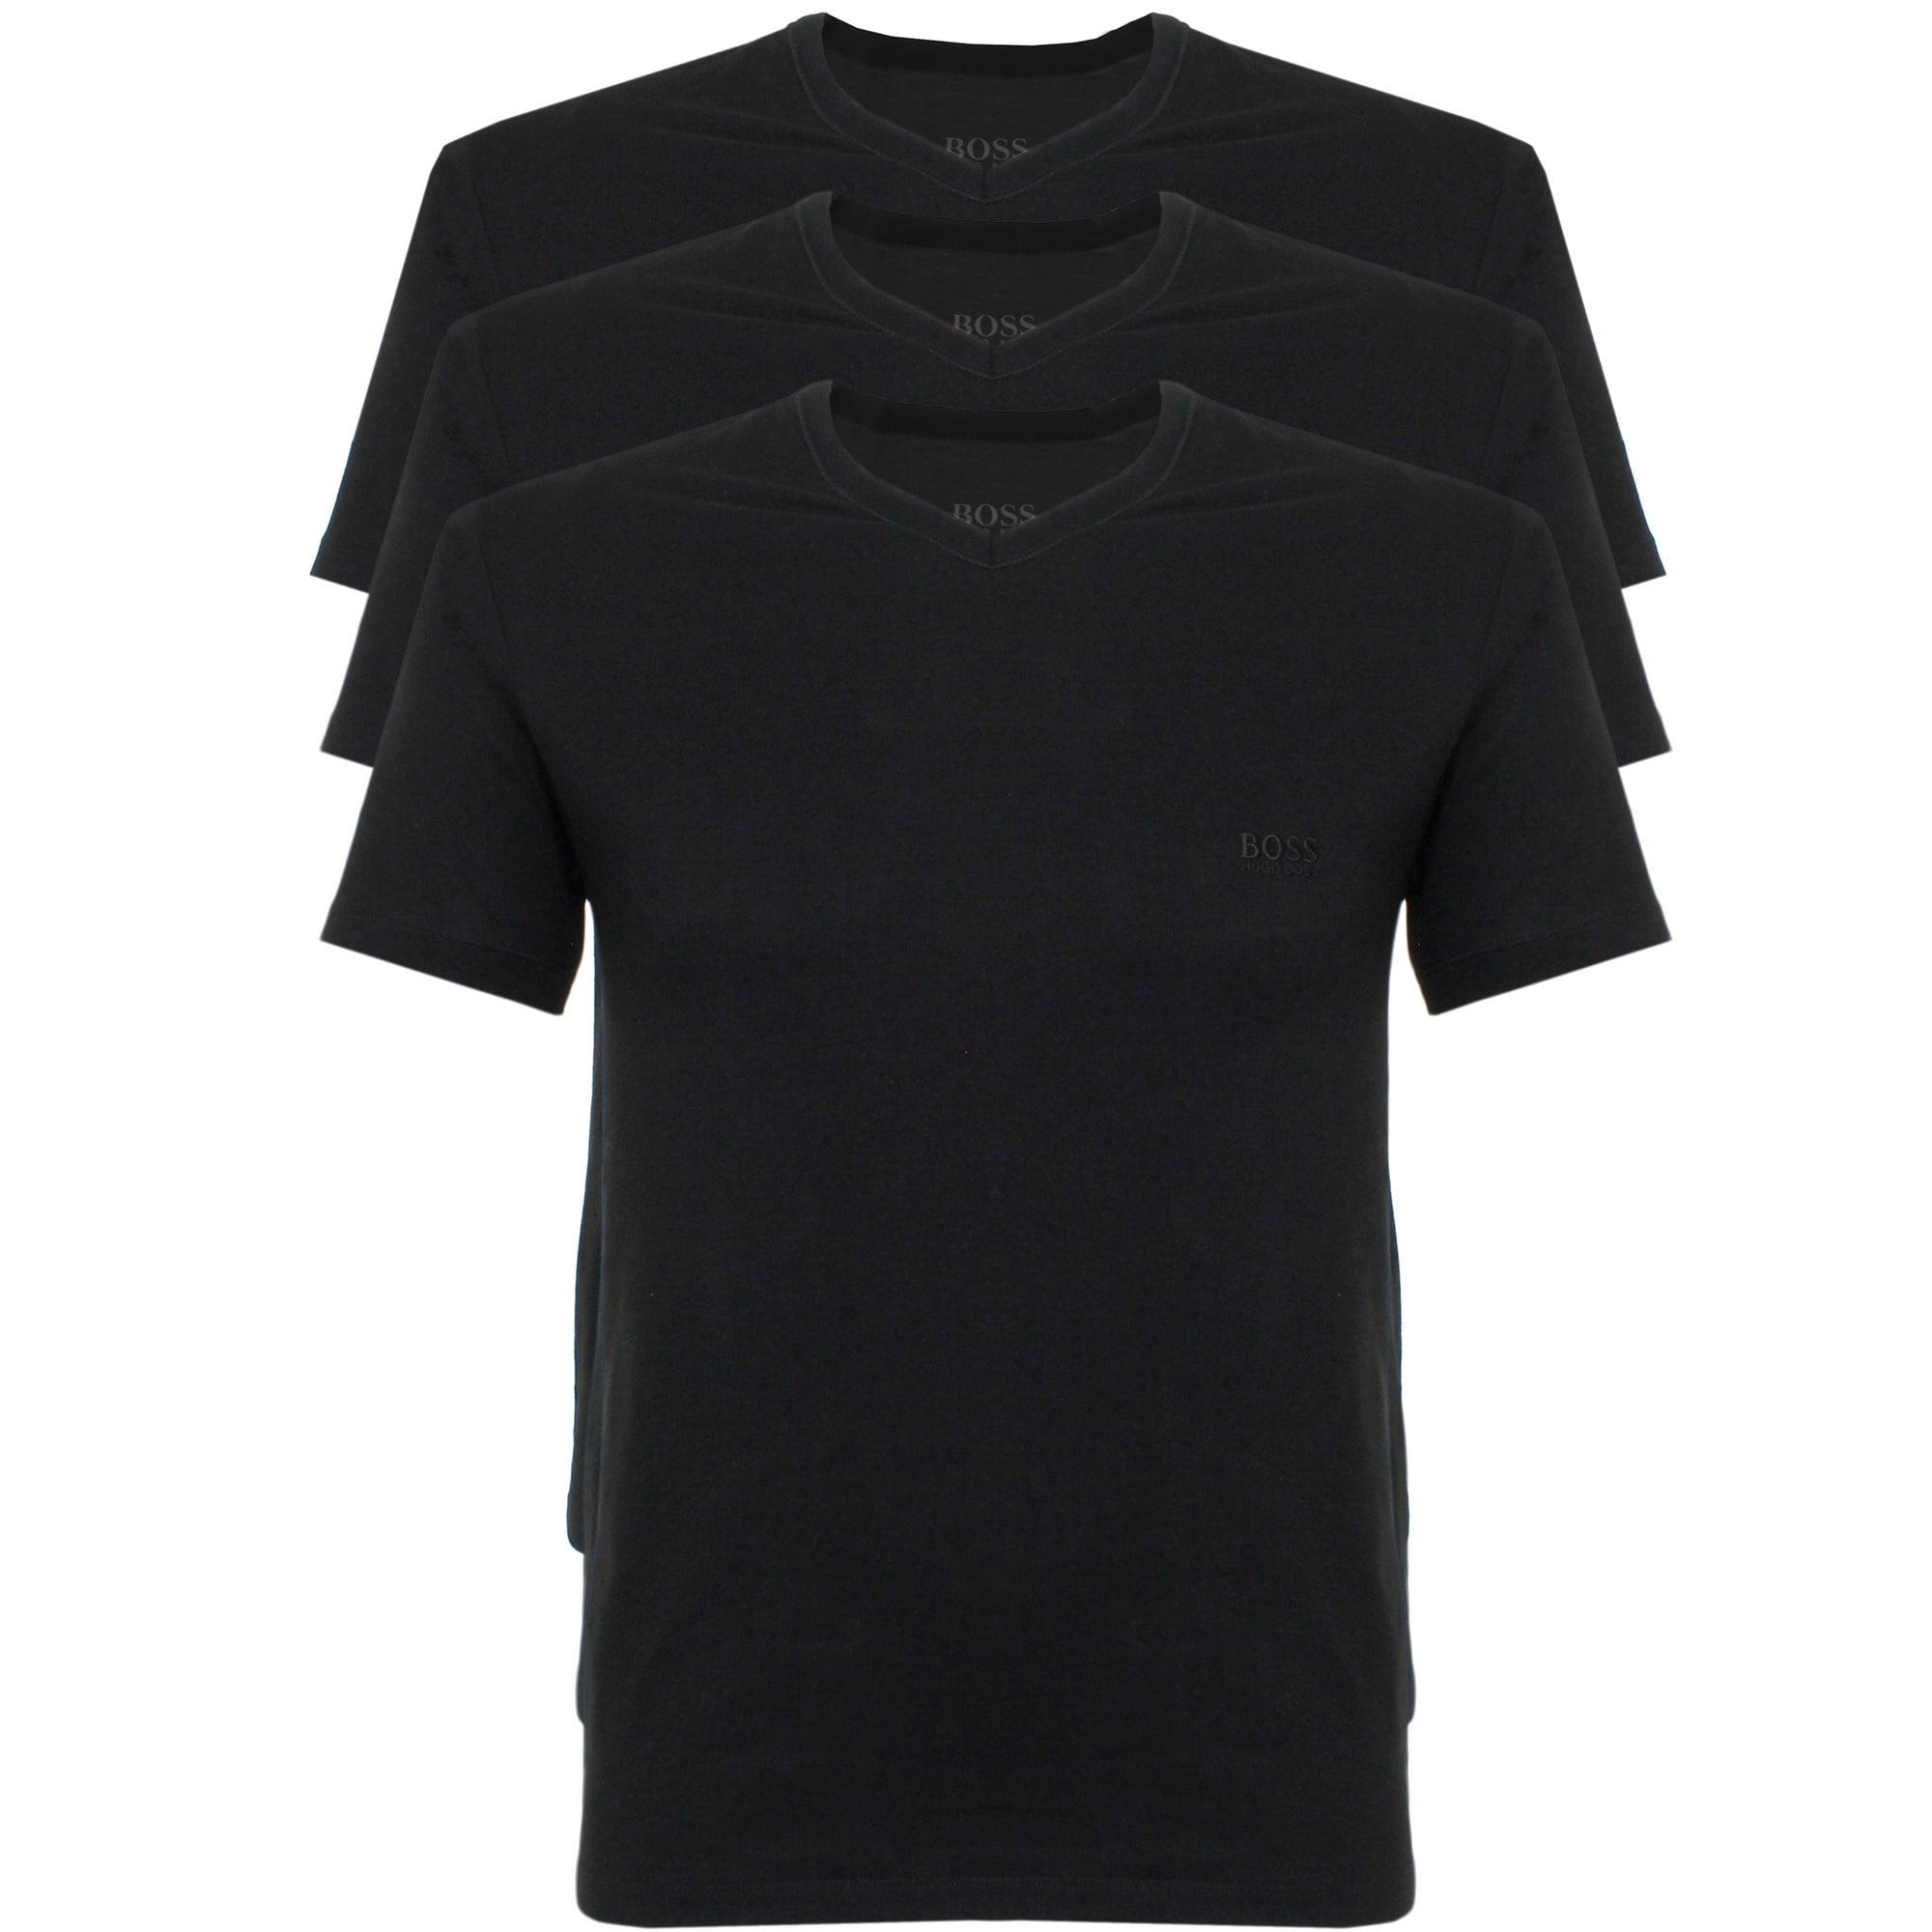 1c5b1844b Hugo Boss Triple Pack V-neck Black T-Shirt - Christmas Gift